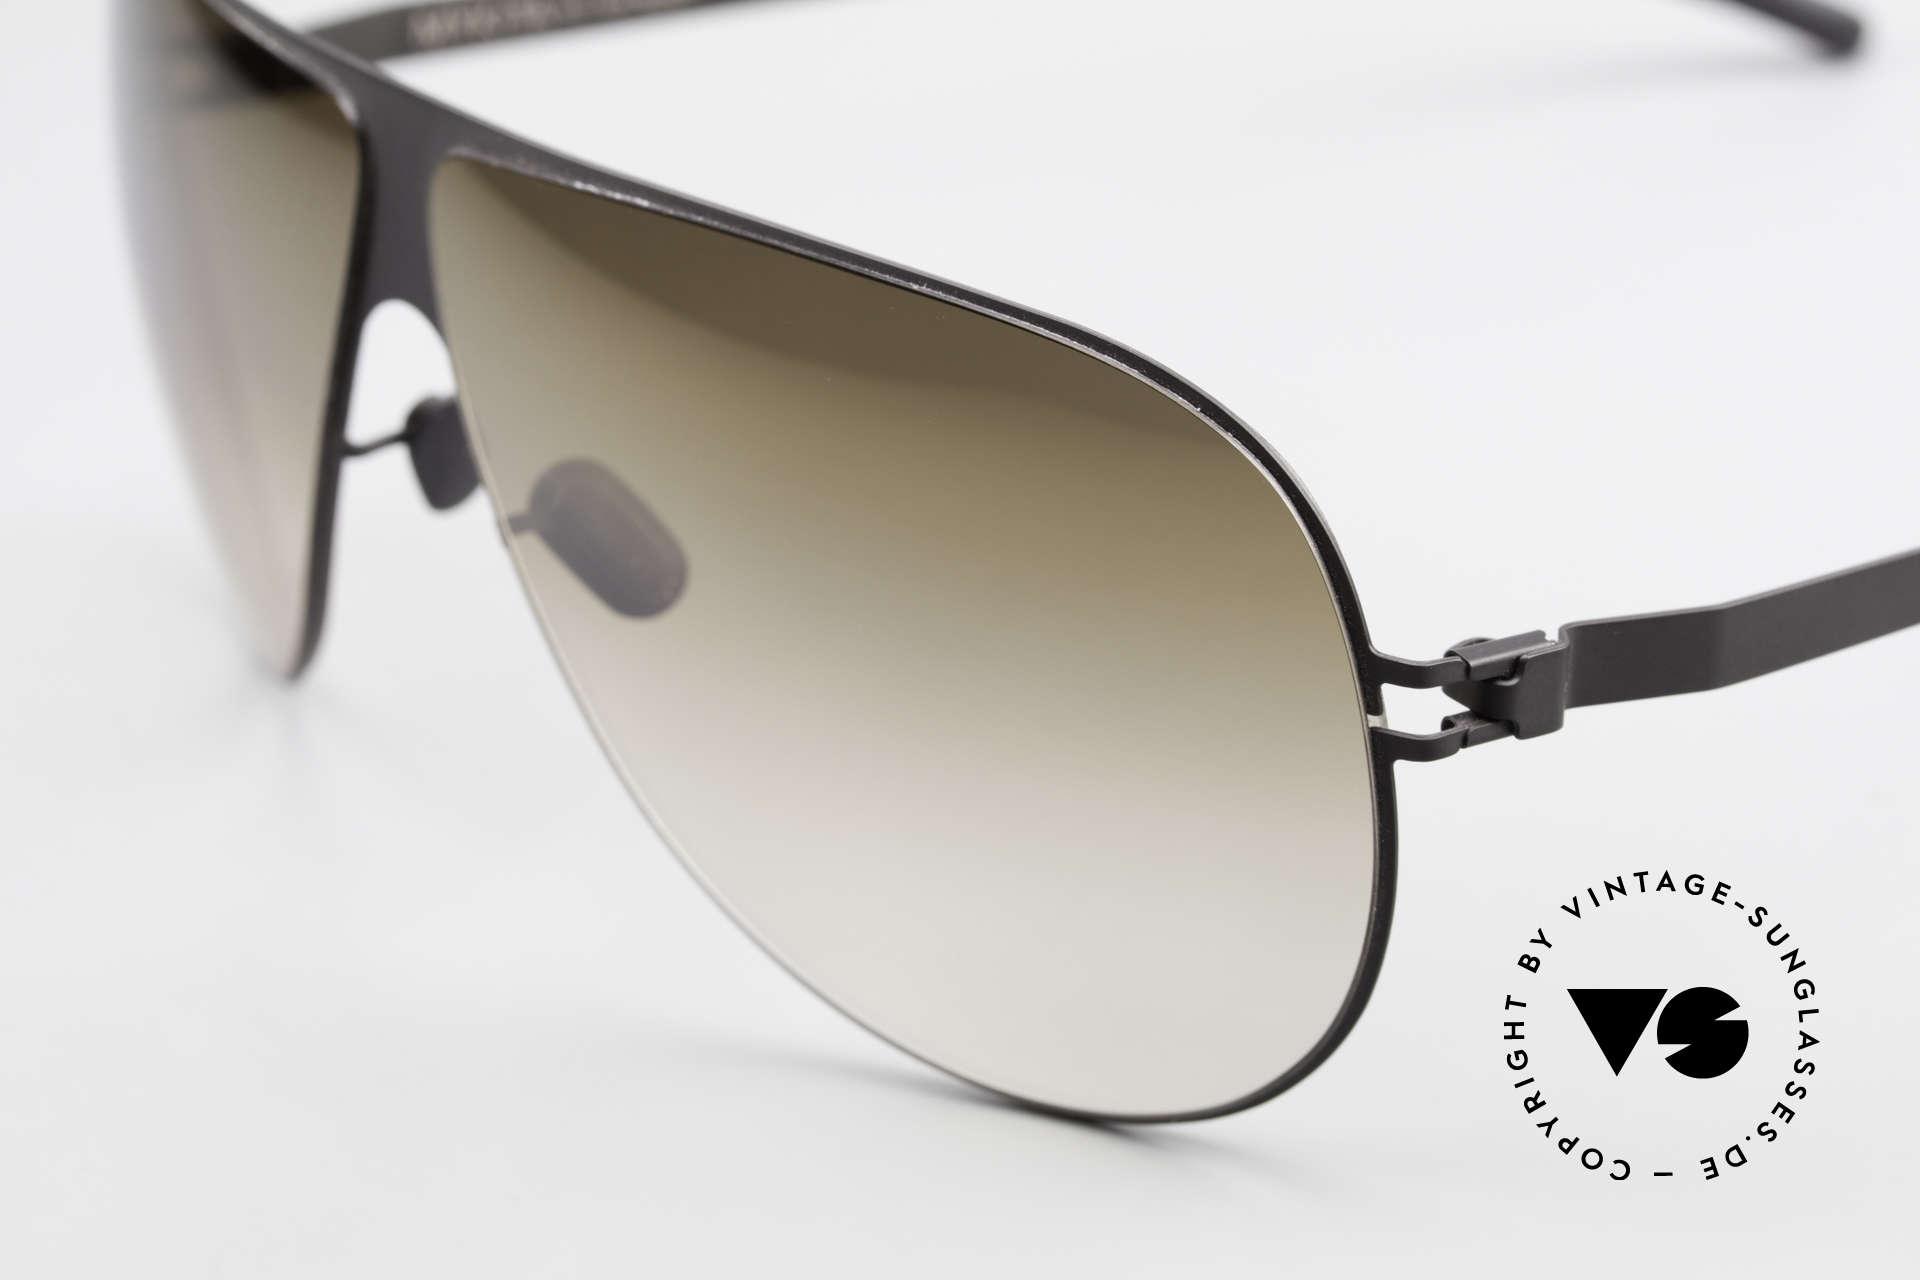 Mykita Elliot Mykita Tom Cruise Sonnenbrille, innovativ flexible Metallfassung: eine Größe passt allen, Passend für Herren